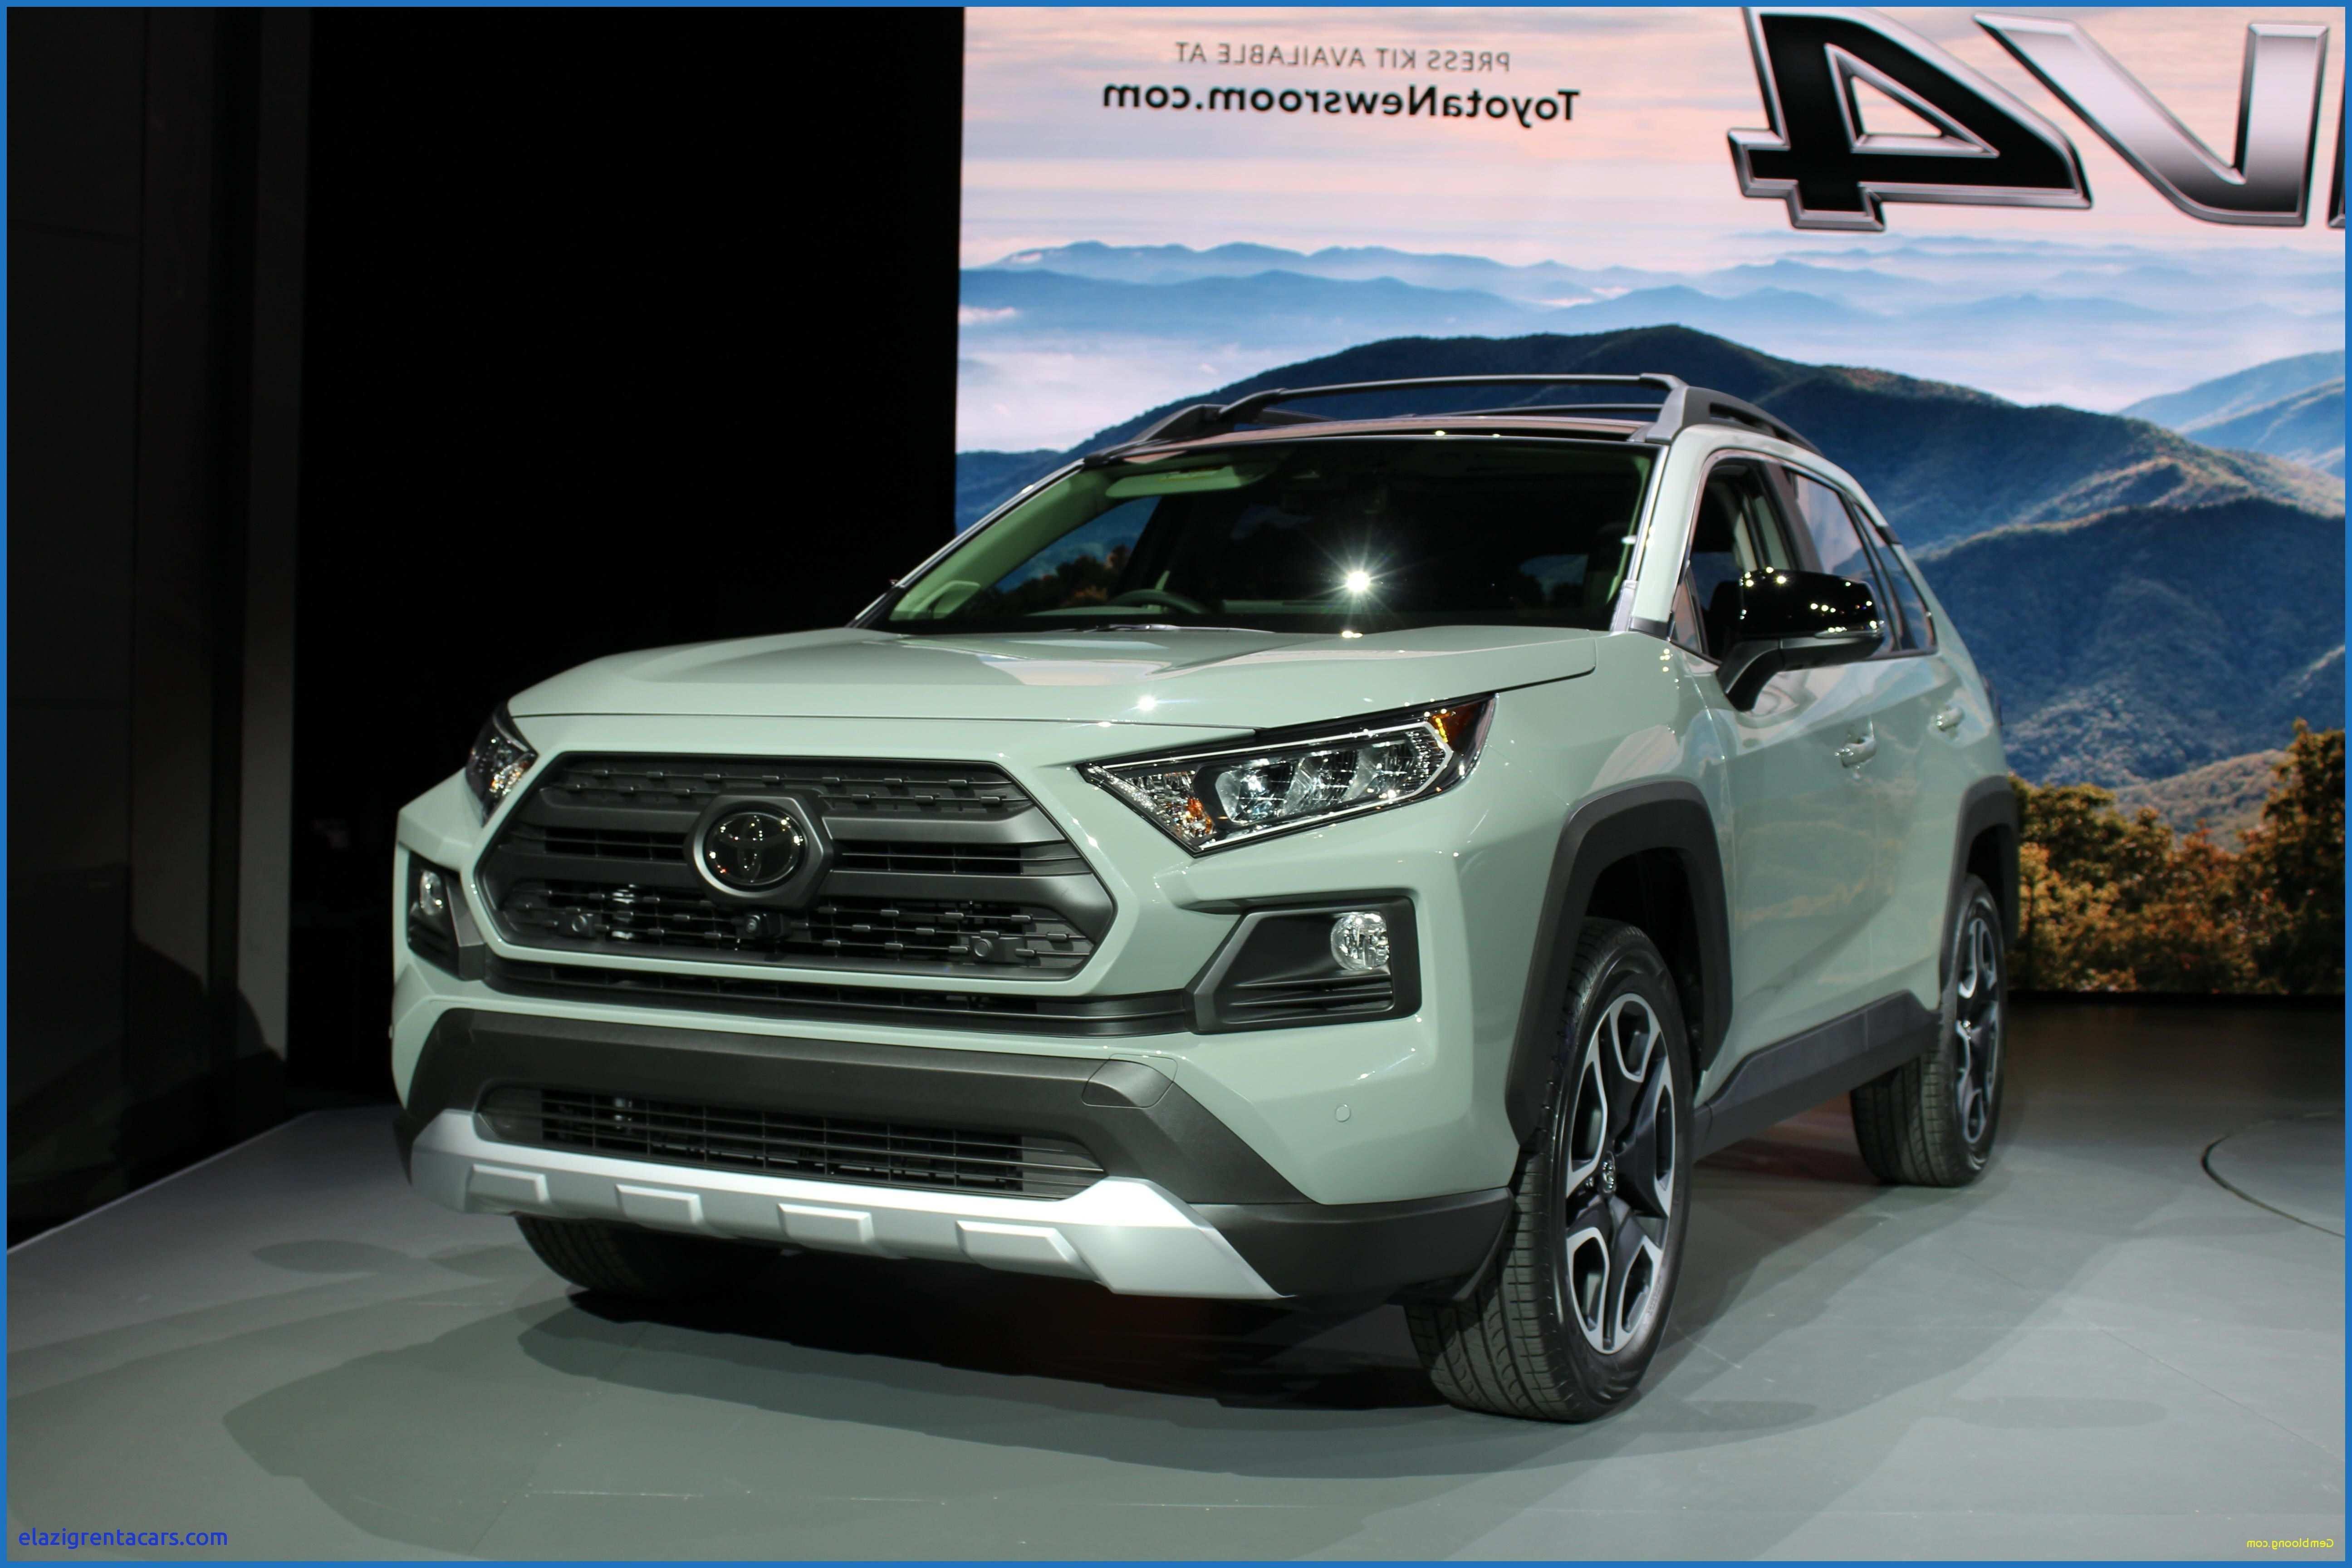 40 All New Best Subaru Xv 2019 Price In Egypt Rumors Redesign and Concept by Best Subaru Xv 2019 Price In Egypt Rumors